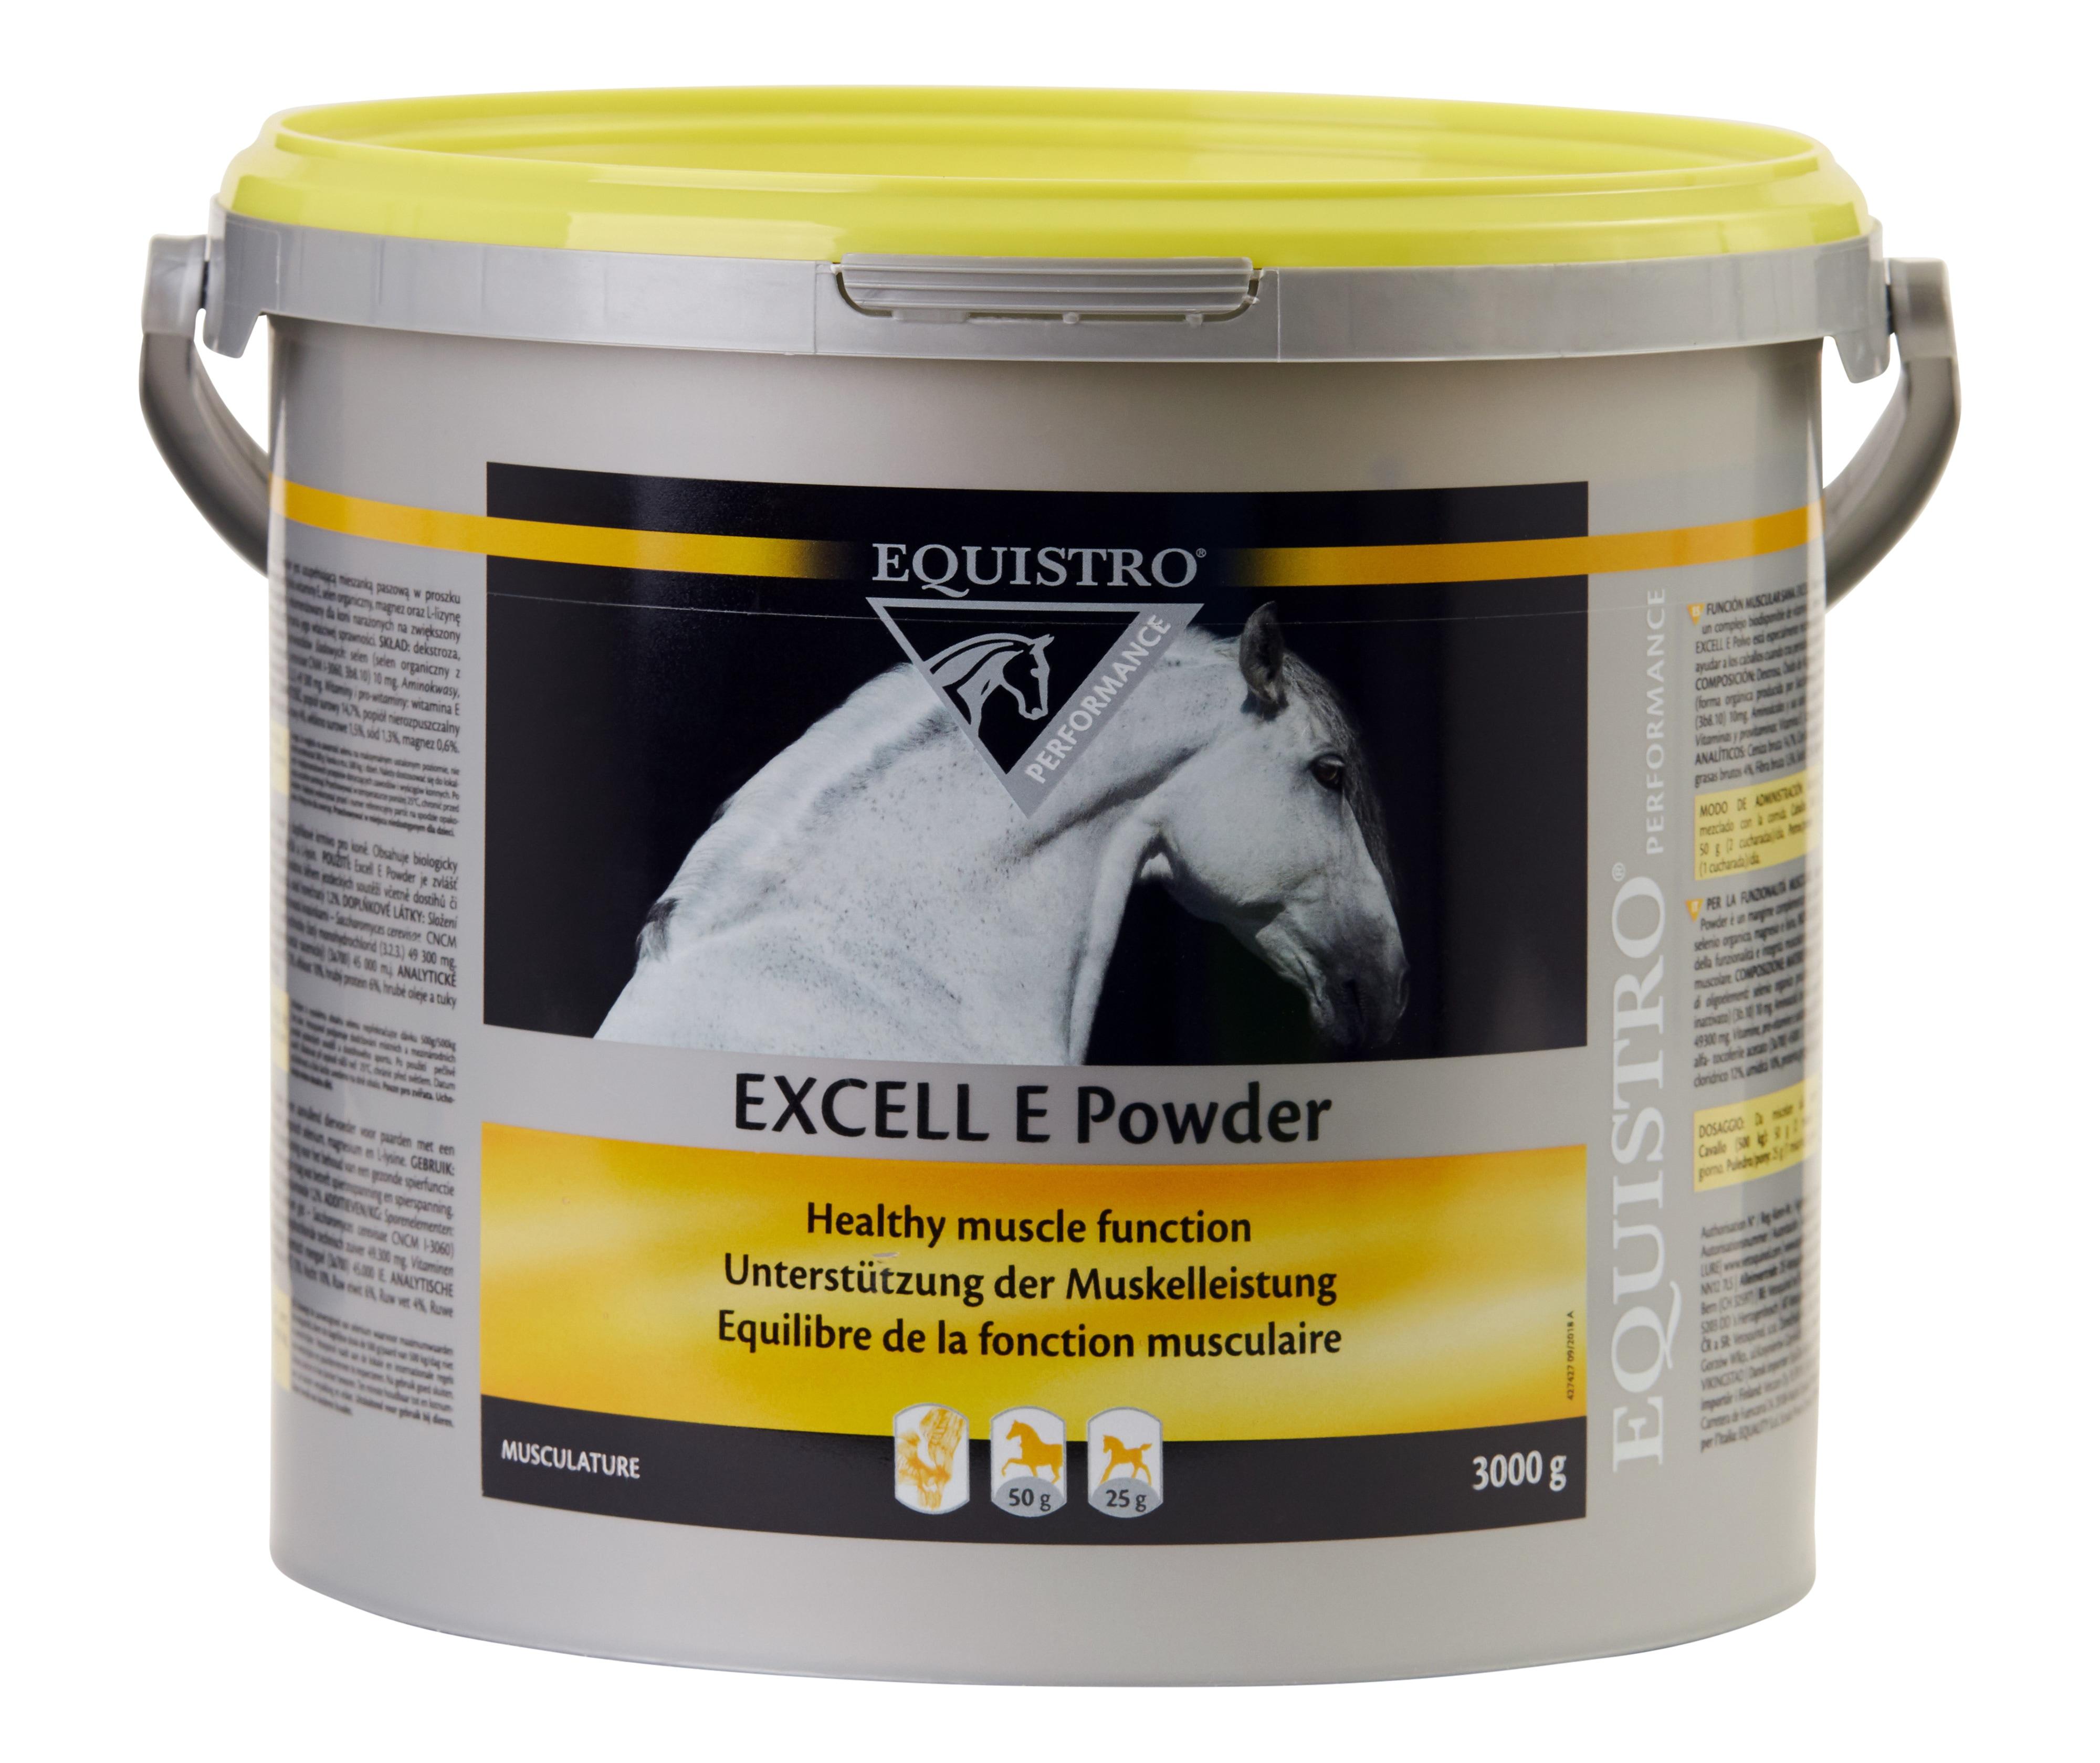 Excell E Powder - 3 kg